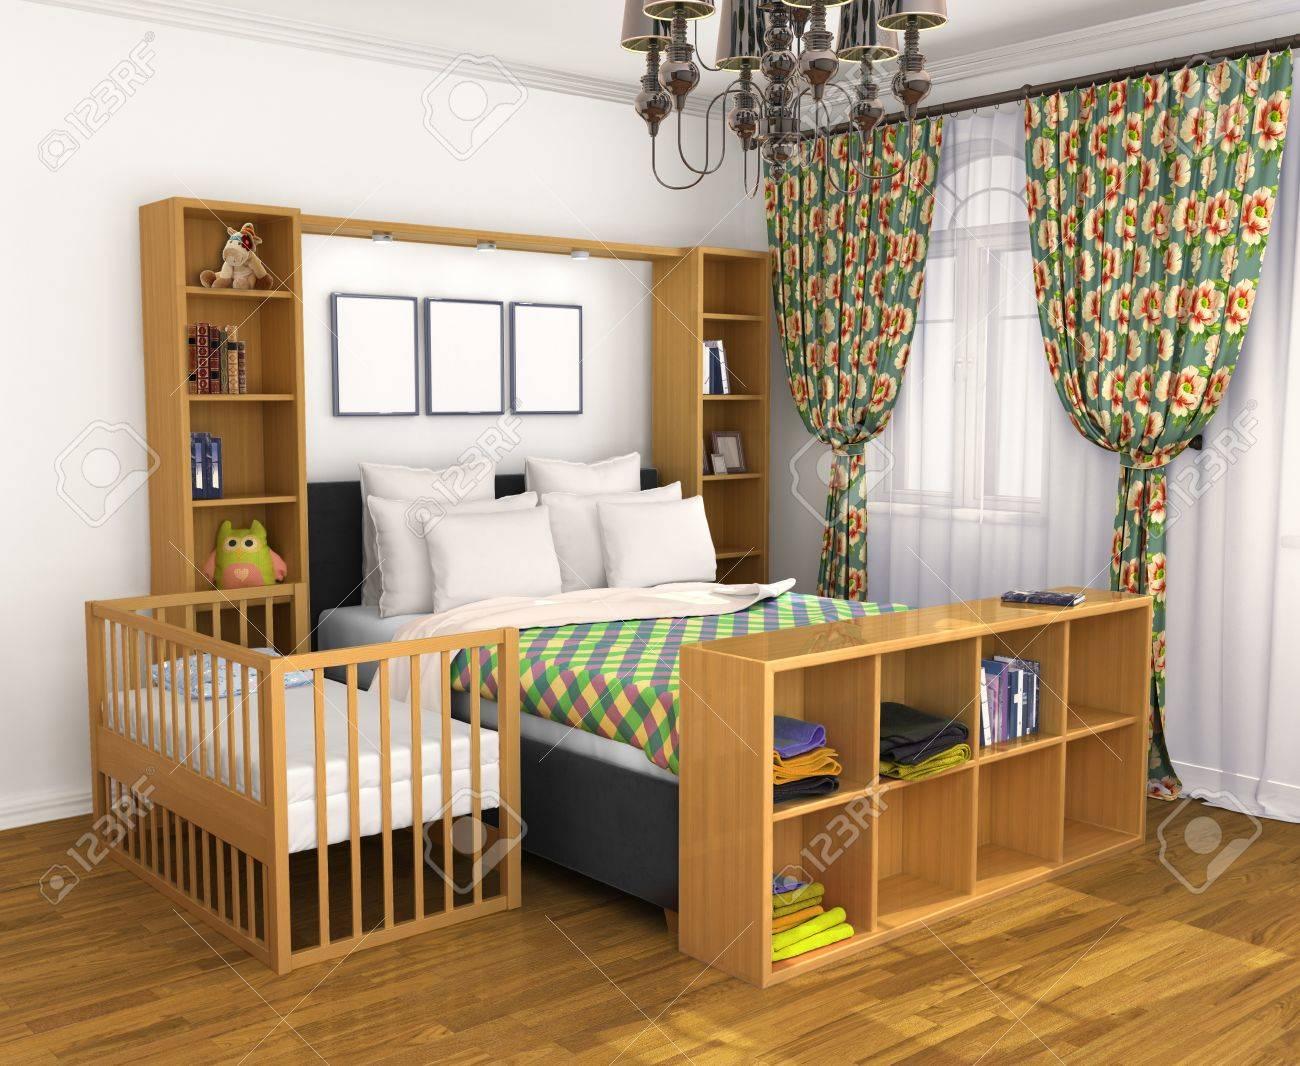 Chambre Pour Les Parents Et L\'enfant. Berceuse Lit De Bébé Situé ...